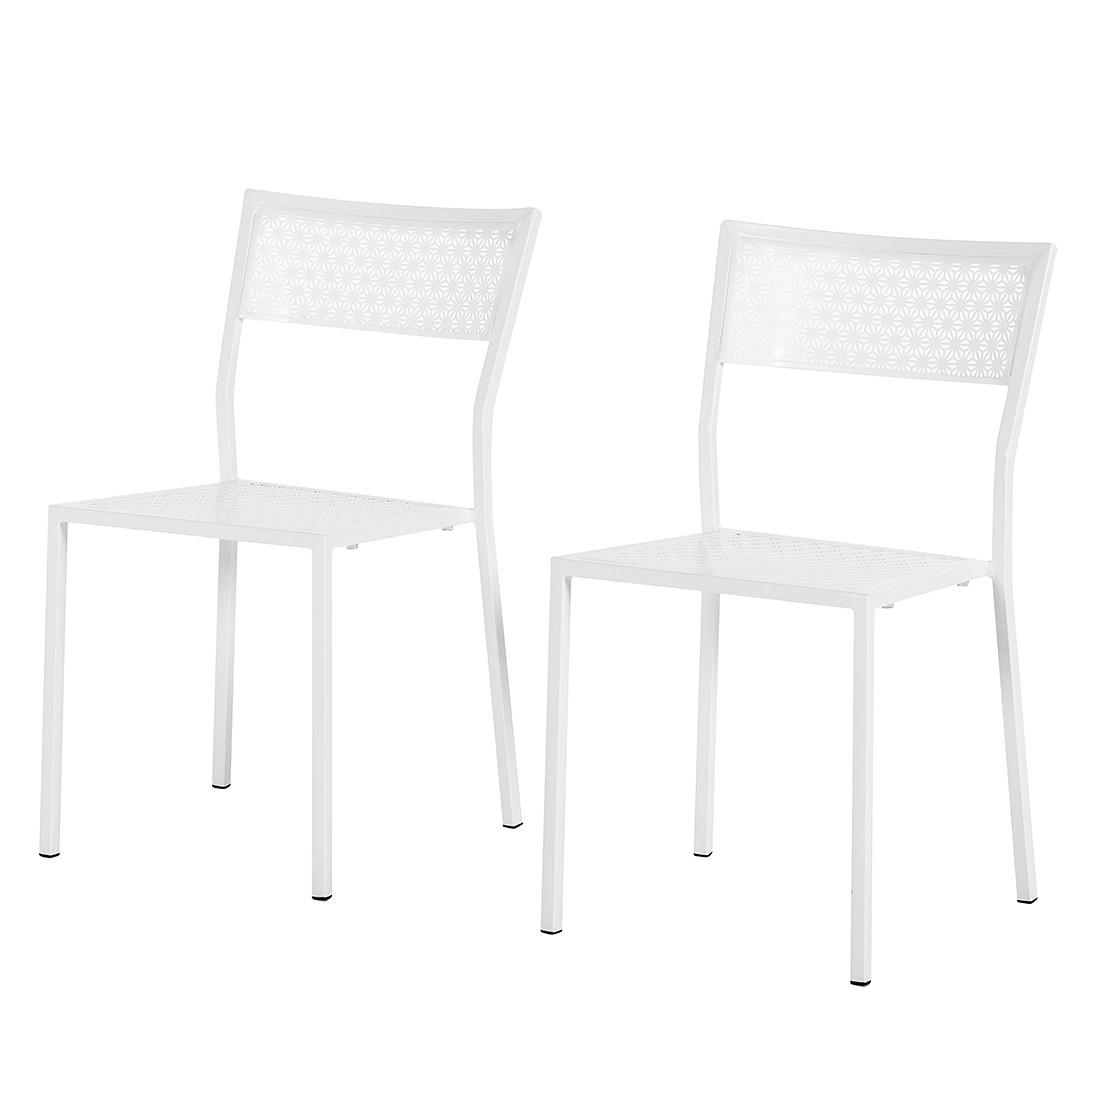 Charmant Stühle Online Günstig Kaufen über Shop24.at | Shop24